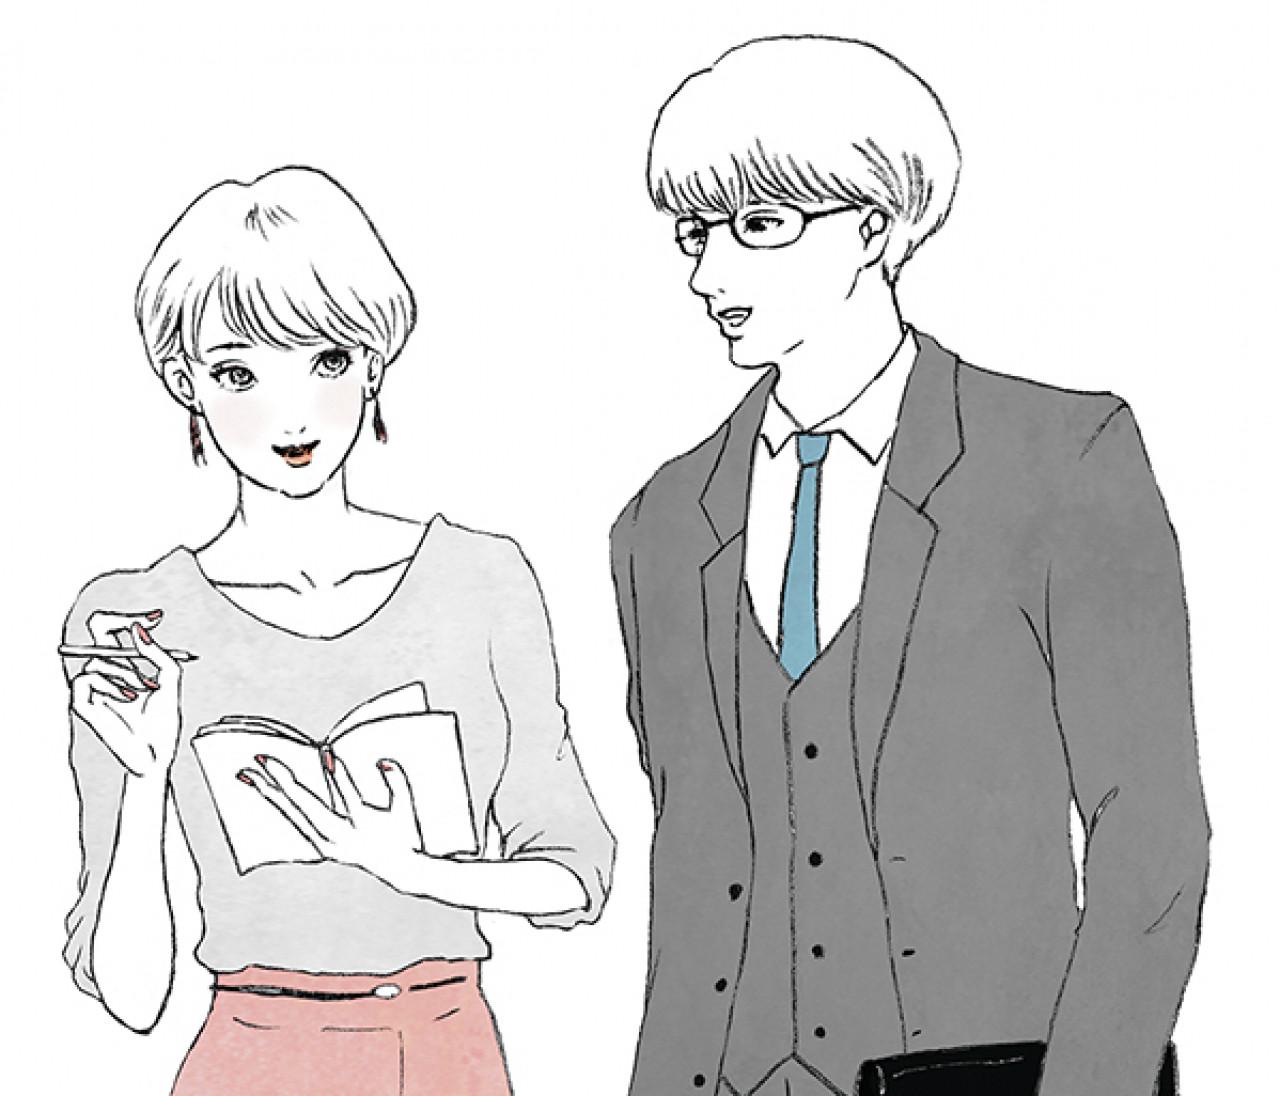 【2021年開運のヒント1】超人気占い師・水晶玉子さん&ムーン・リーさんに聞く!運気を上げるファッションや行動とは?